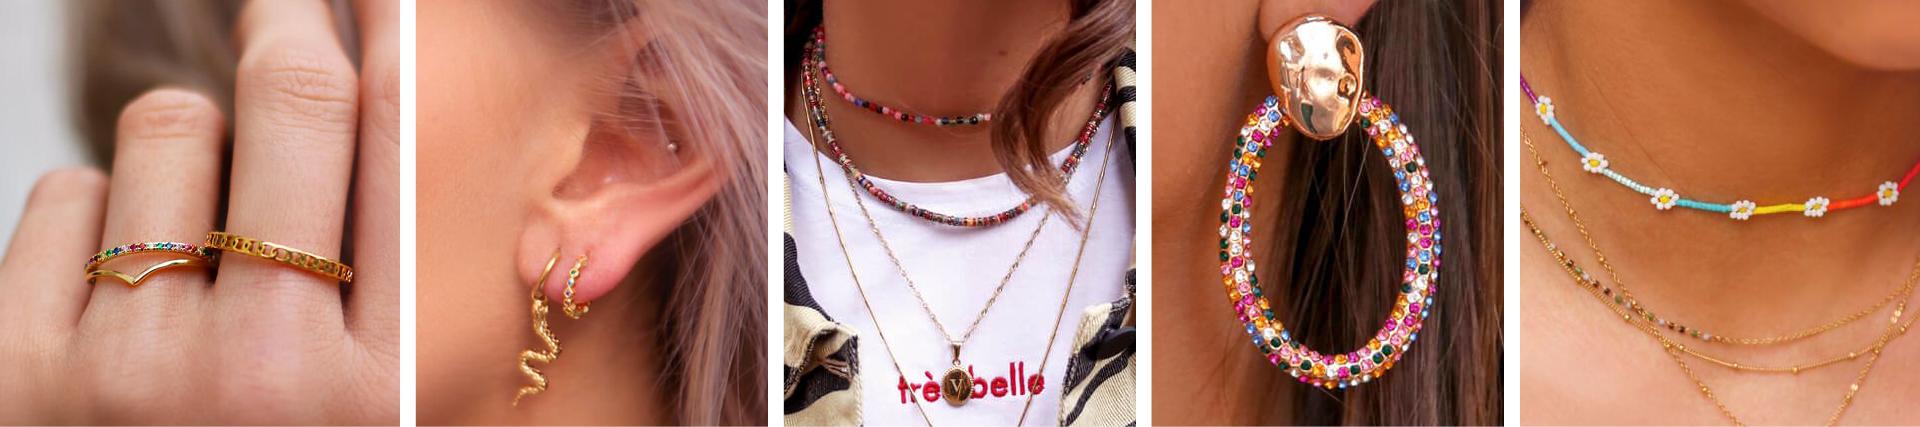 My Jewellery Regenboog sieraden